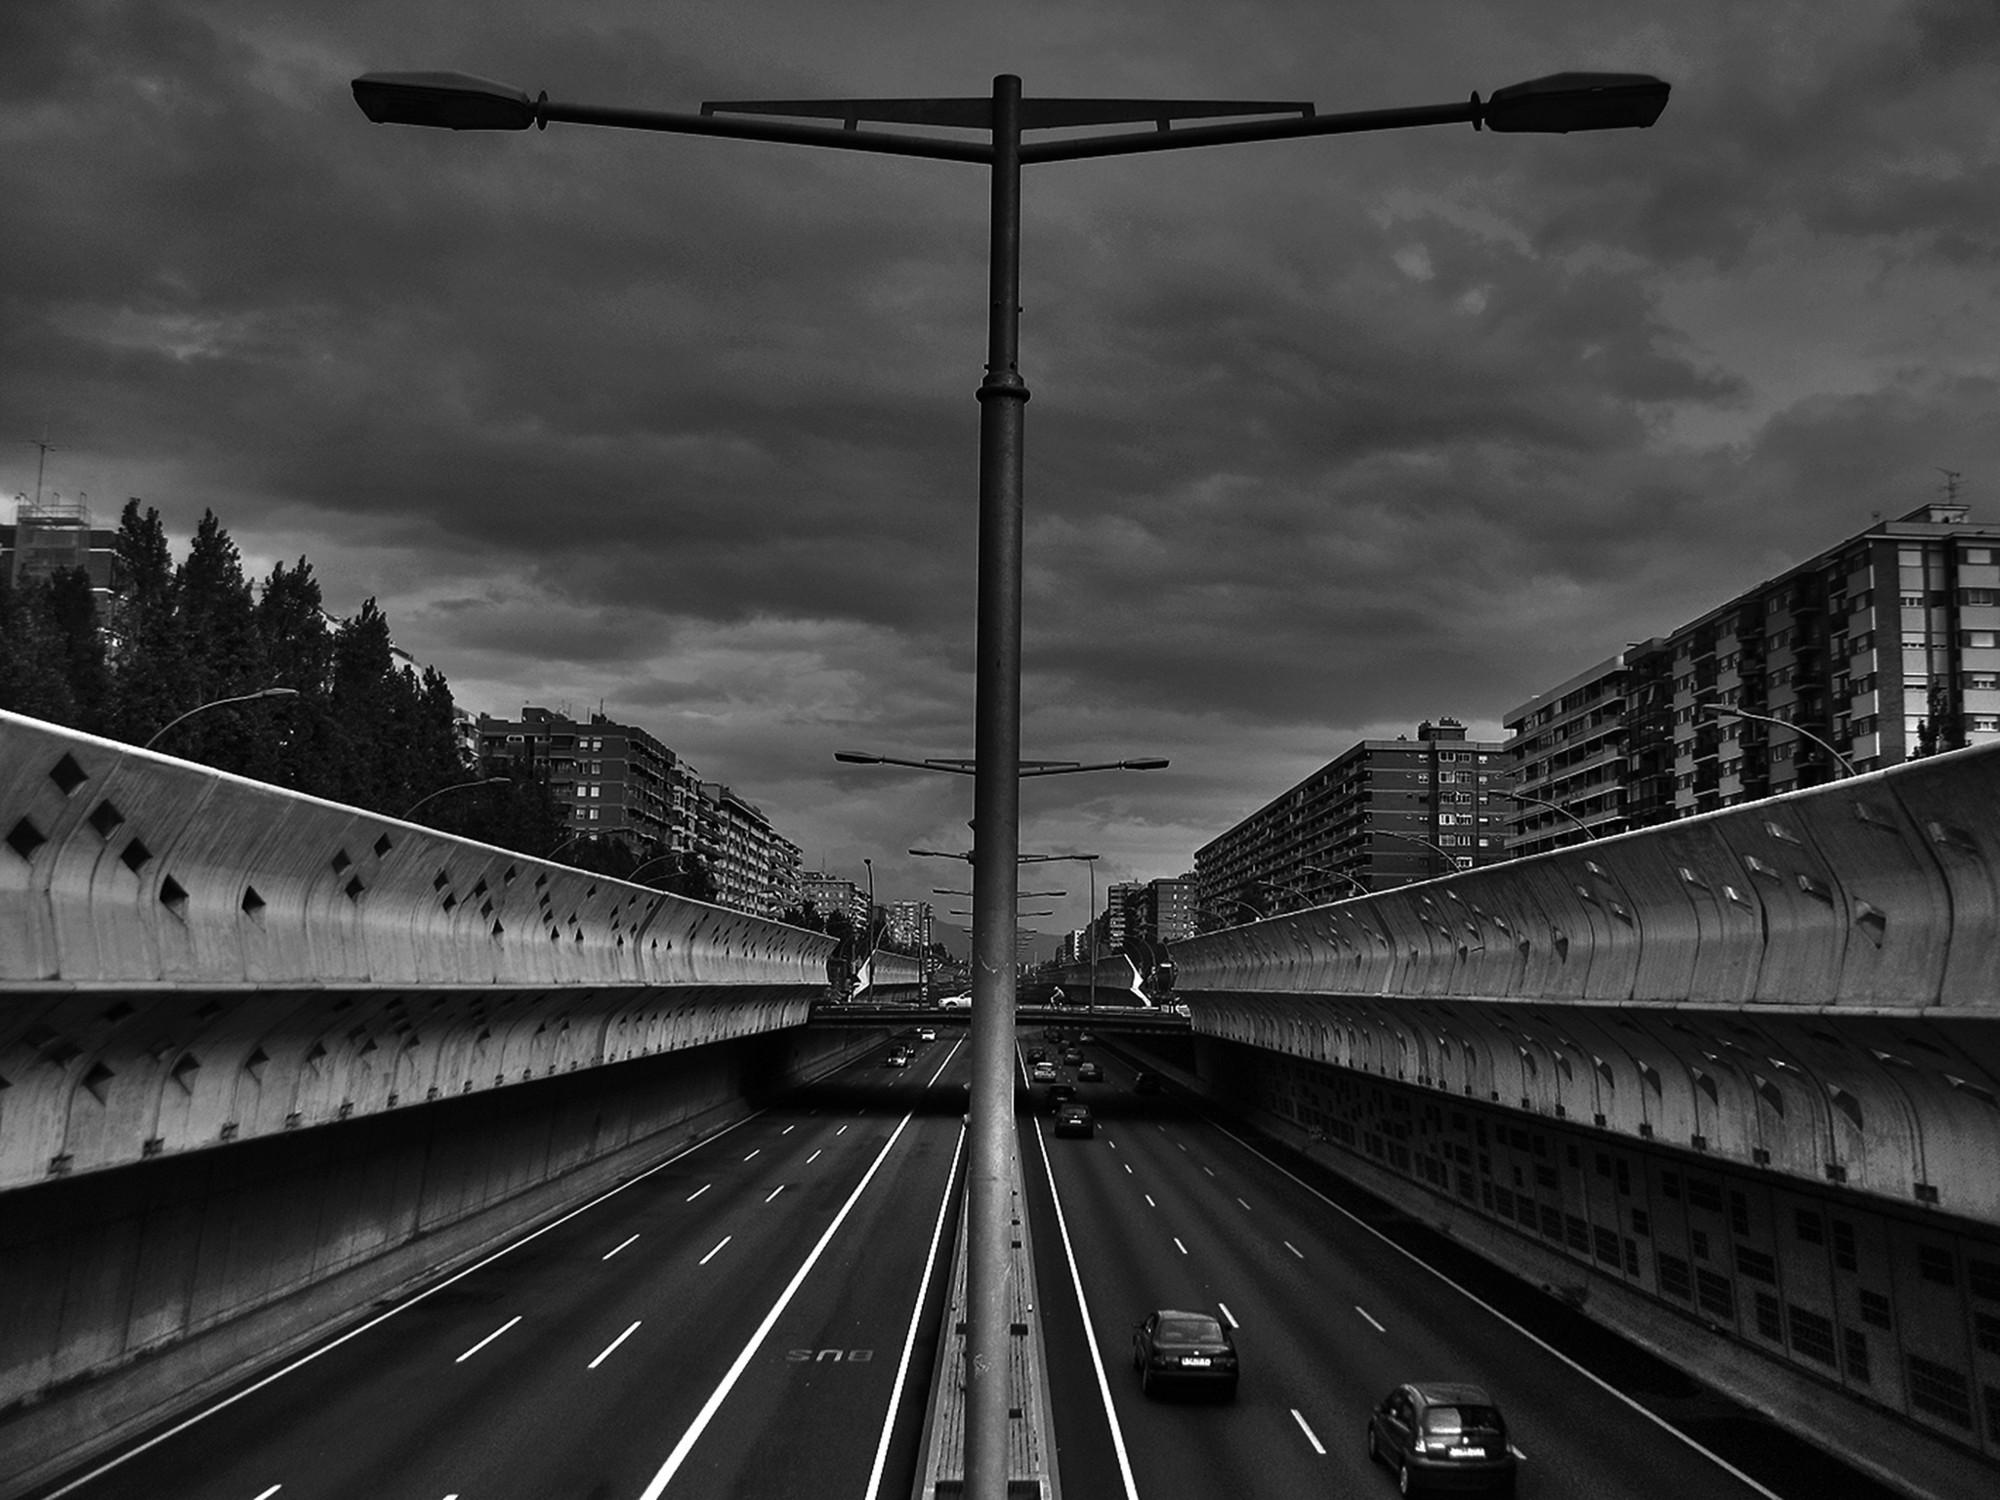 Lo mejor de Flickr en Plataforma Arquitectura / Febrero 2014, © Usuario de Flickr: Hipòlit Pascual